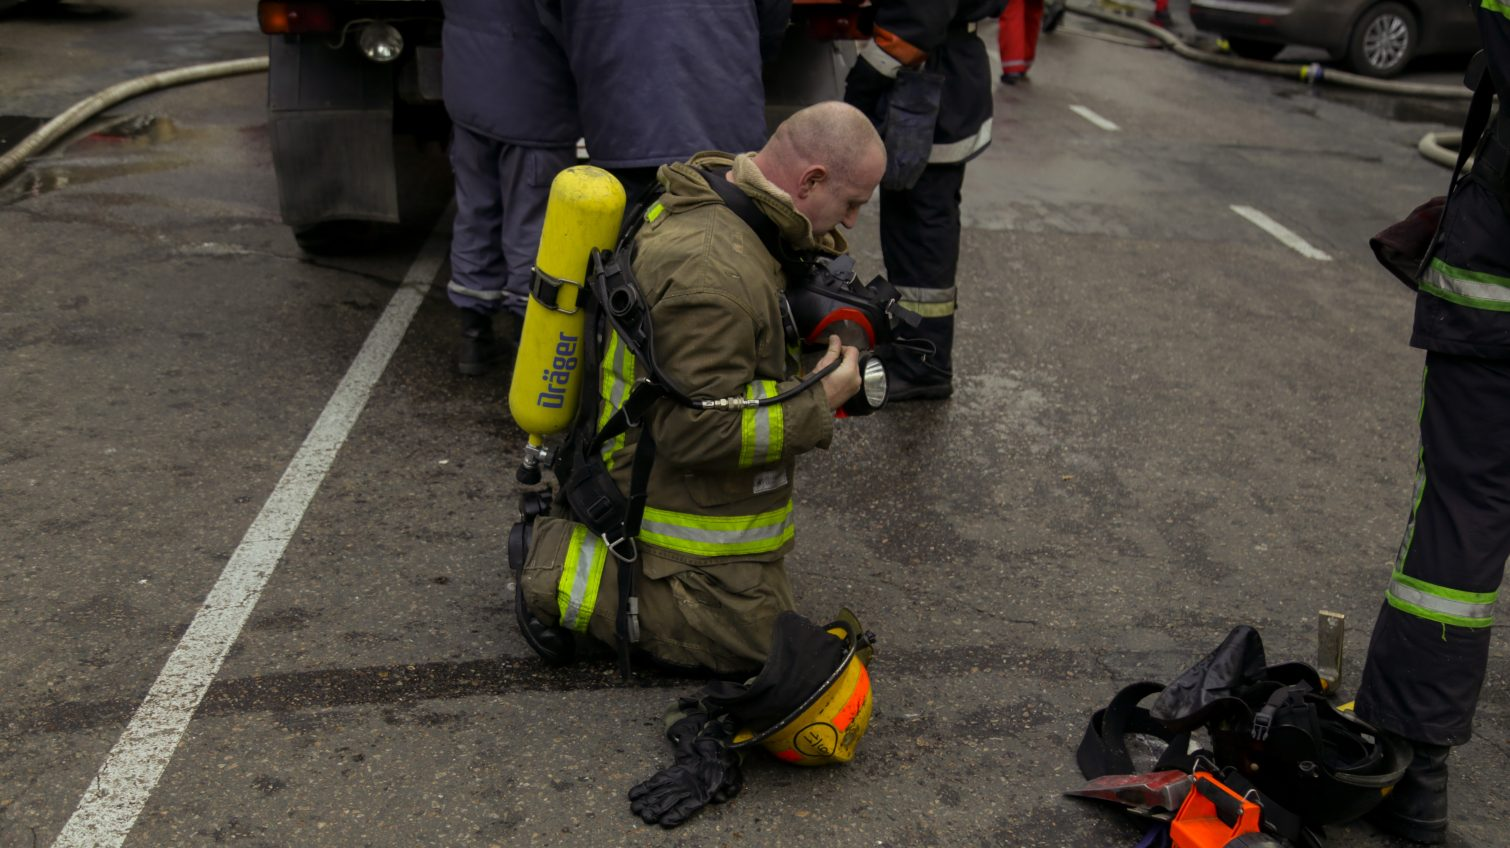 Как в Средневековье: областное управление ГСЧС последний раз закупало спецодежду для пожарных в 2017 году «фото»